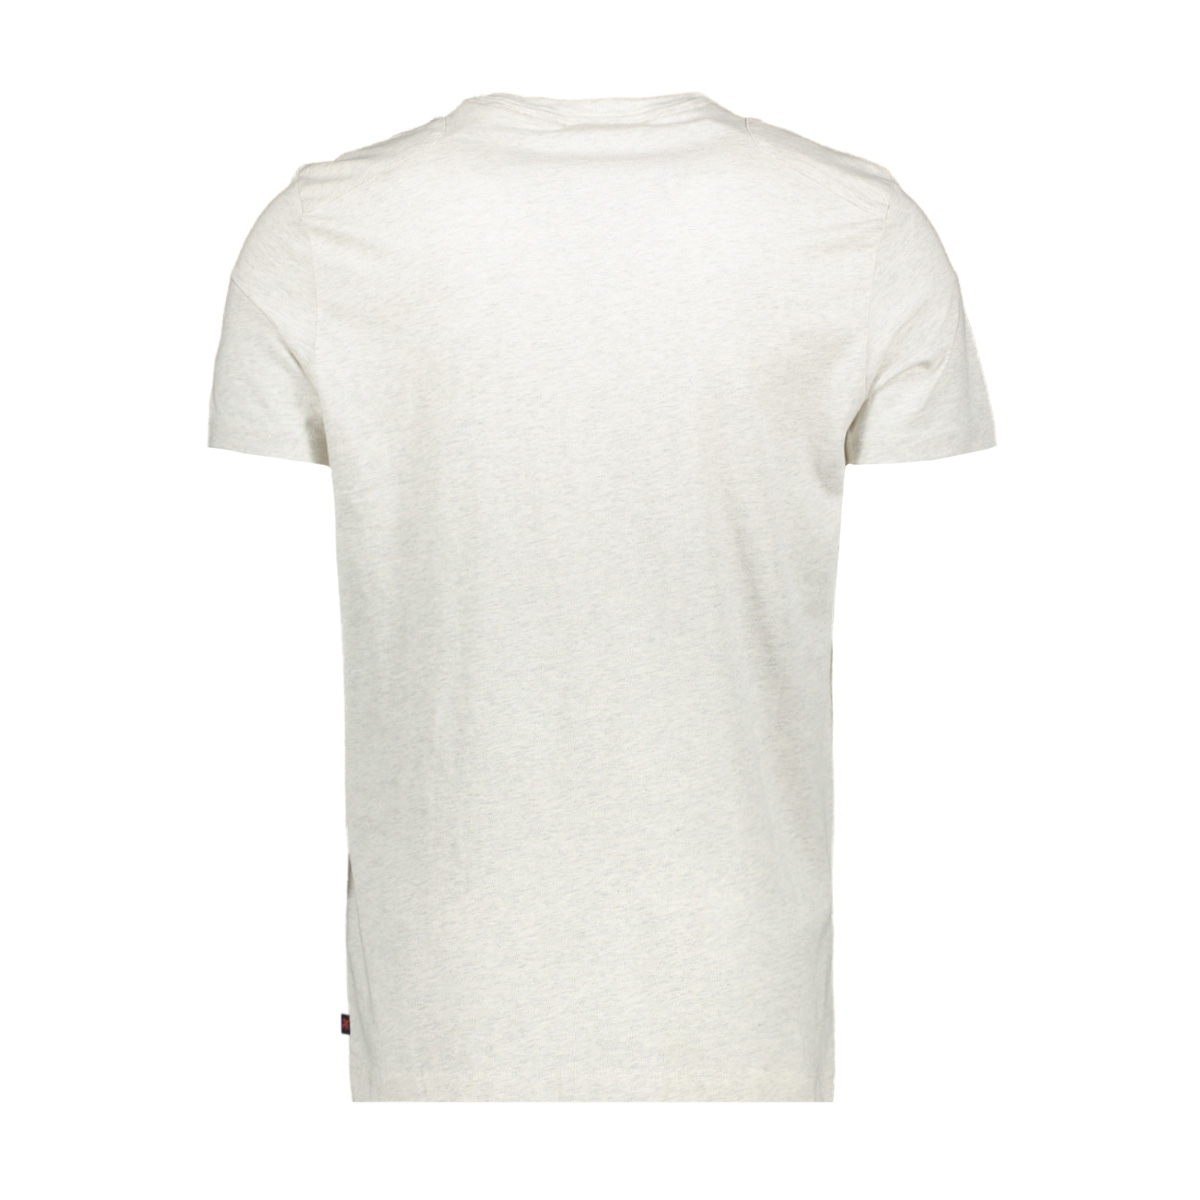 short sleeve t shirt vtss195652 vanguard t-shirt 7013